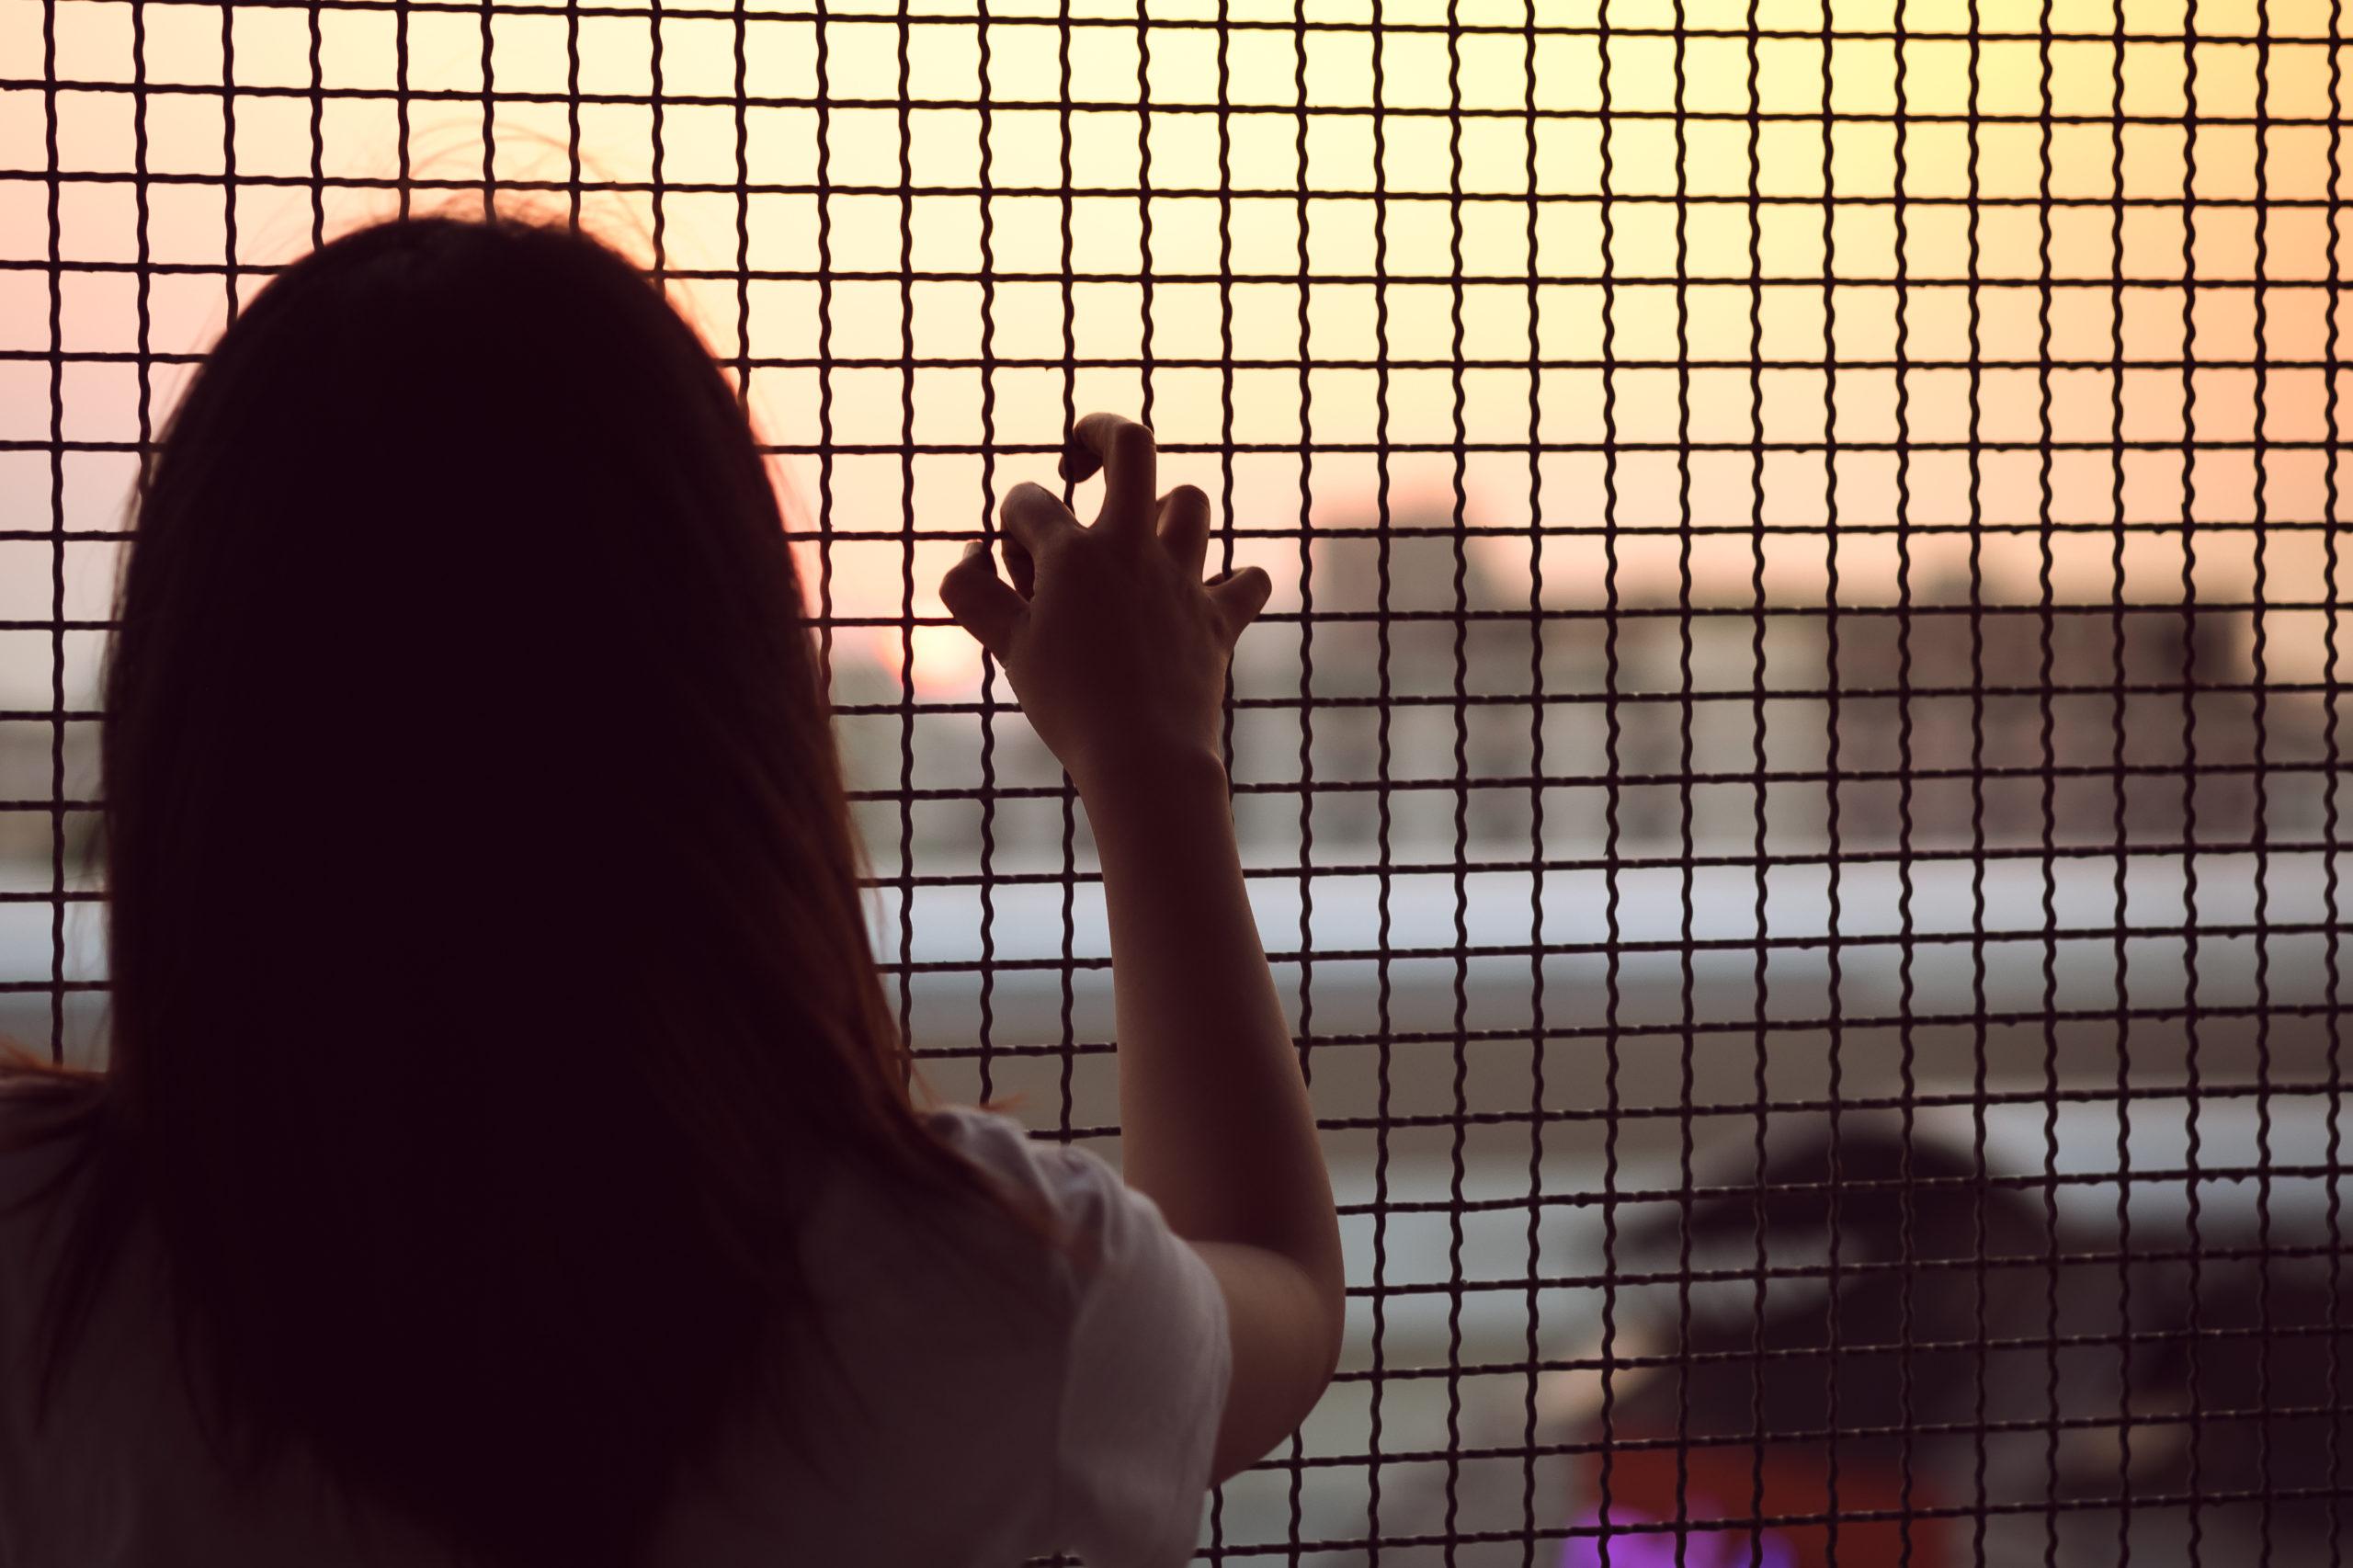 Legtöbbször nők és gyerekek az emberkereskedelem áldozatai (videó)